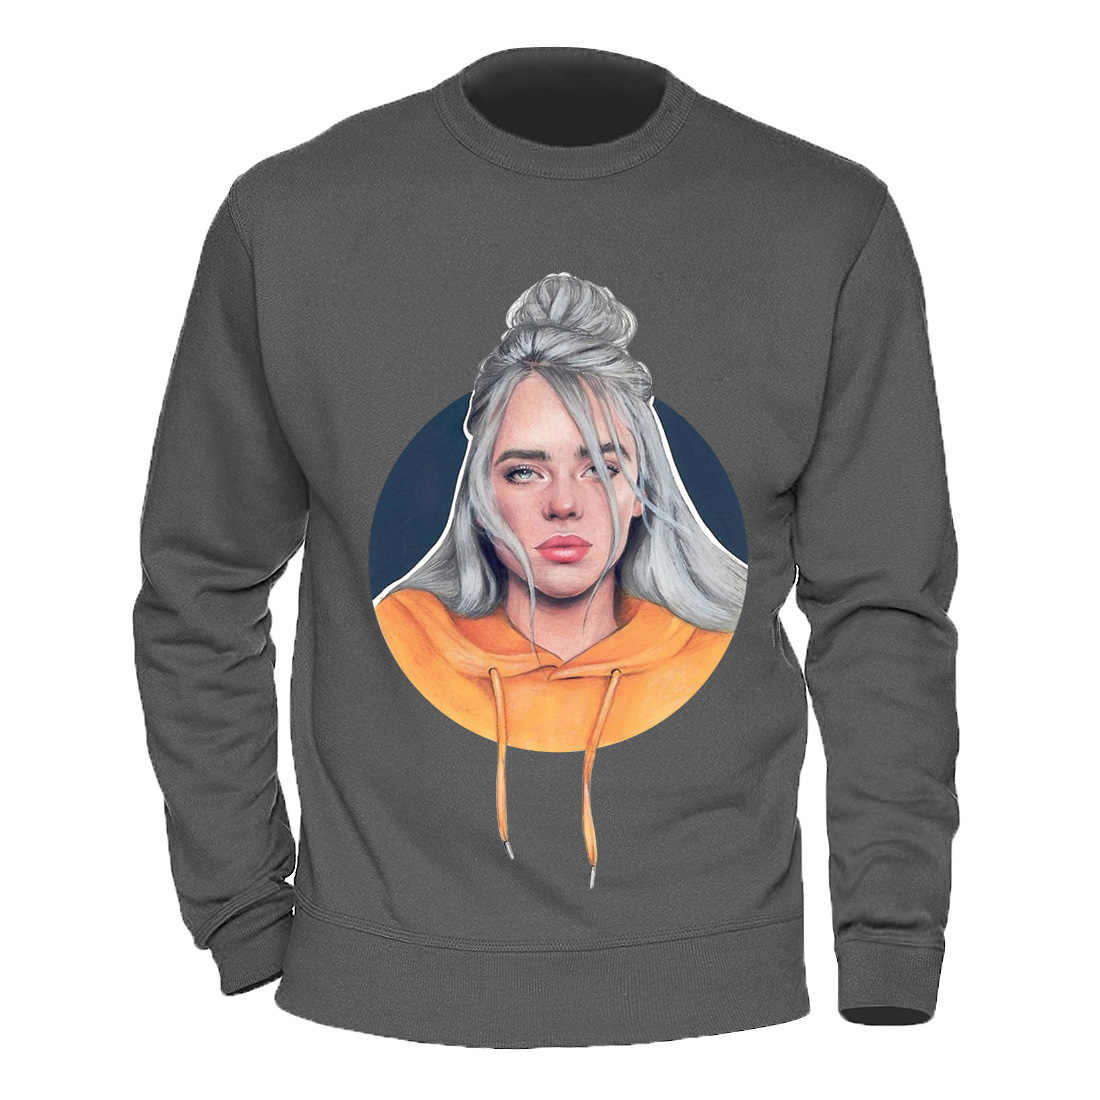 패션 빌리 Eilish 남자 후드 티 스웨터 망 스트리트 트렌드 만화 여자 까마귀 남성 캐주얼 후드 티 스웨터 2020 옷